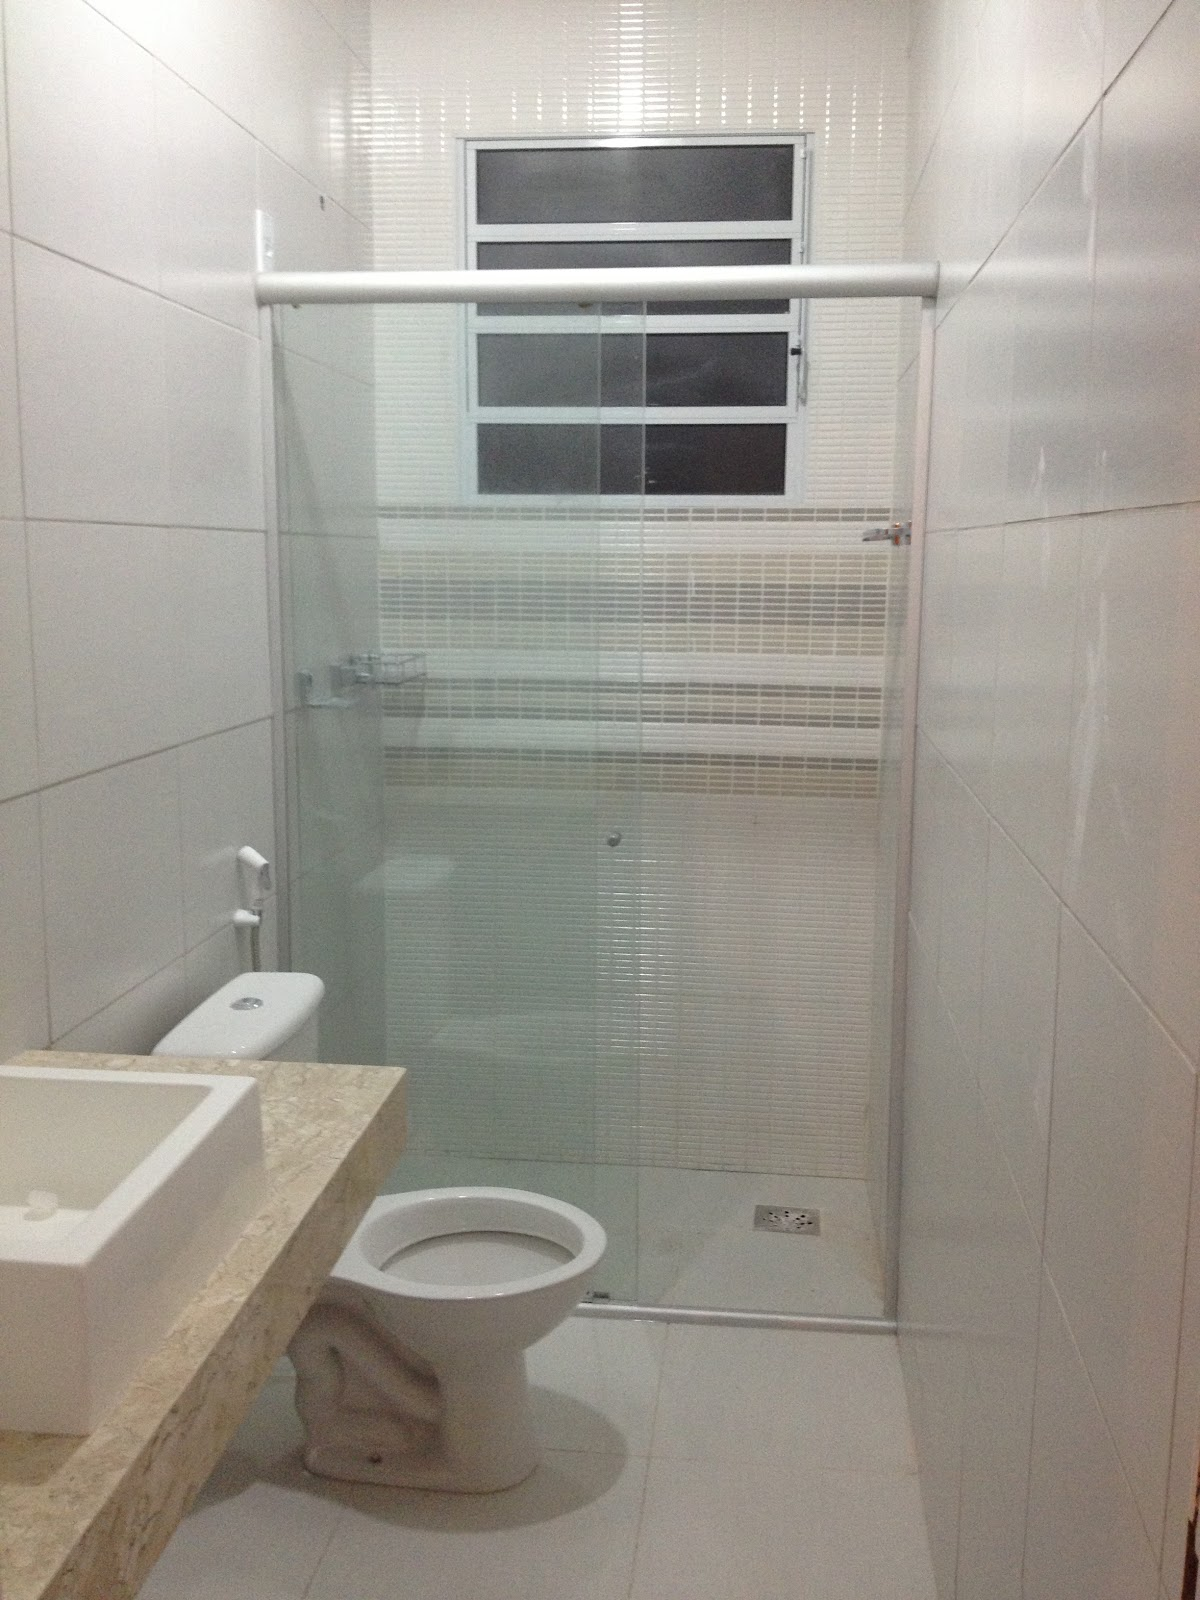 Etapa banheiros quase finalizada. Agora só falta eu instalar os  #70604E 1200 1600